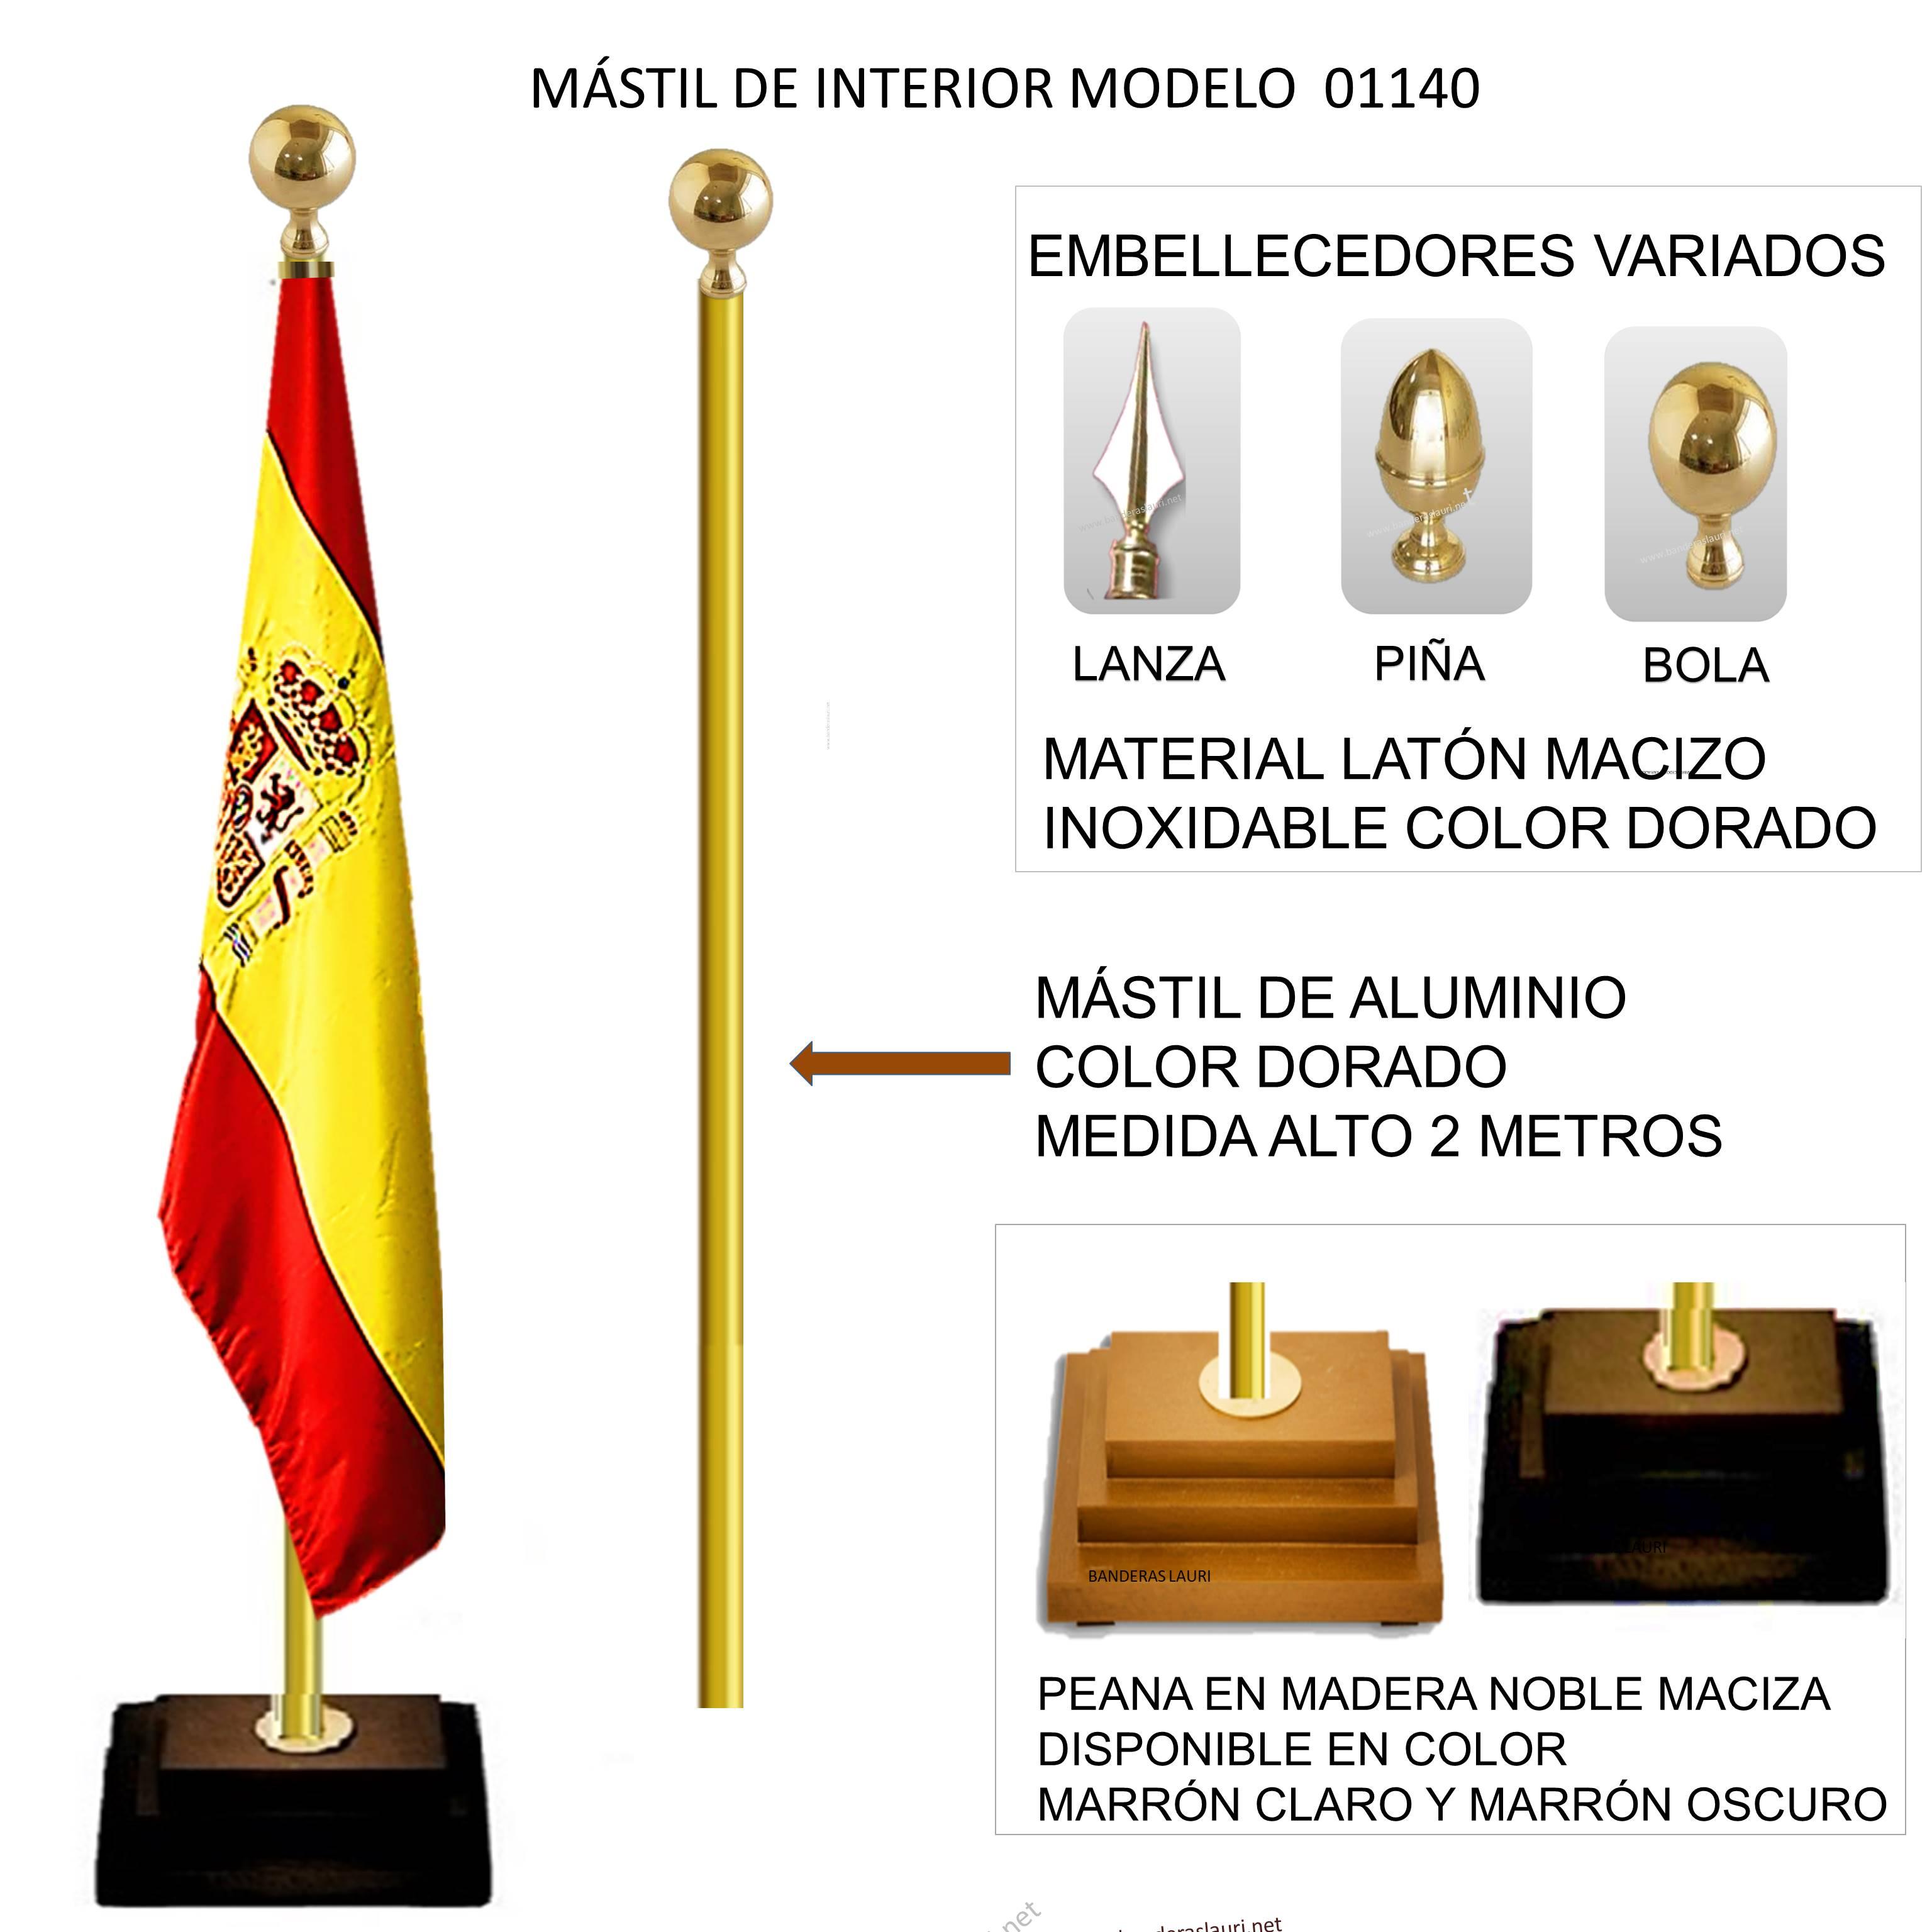 MASTILES DE INTERIOR MODELO 01140